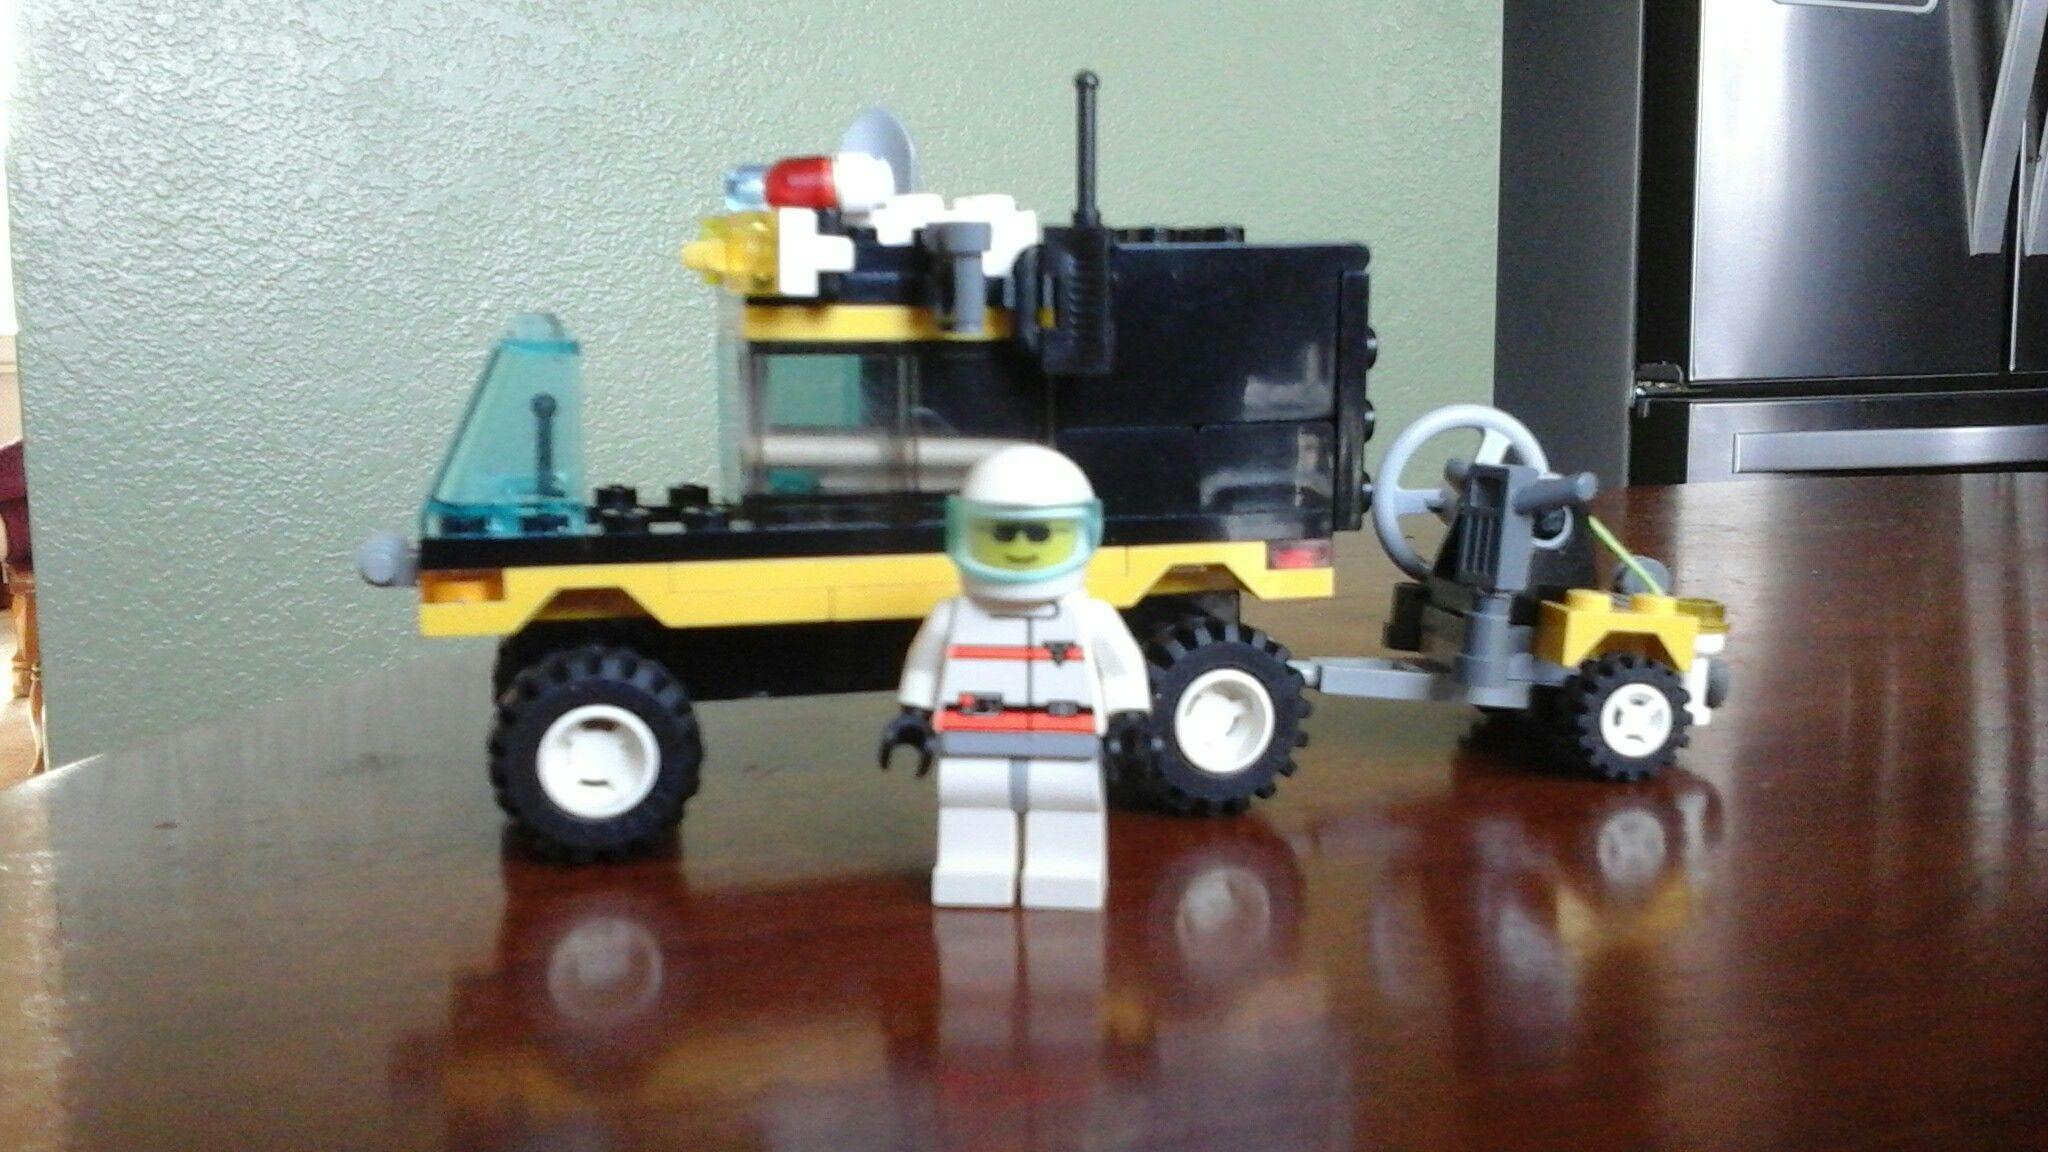 6445 Emergency Evac Lego kits, Toy car, Lego